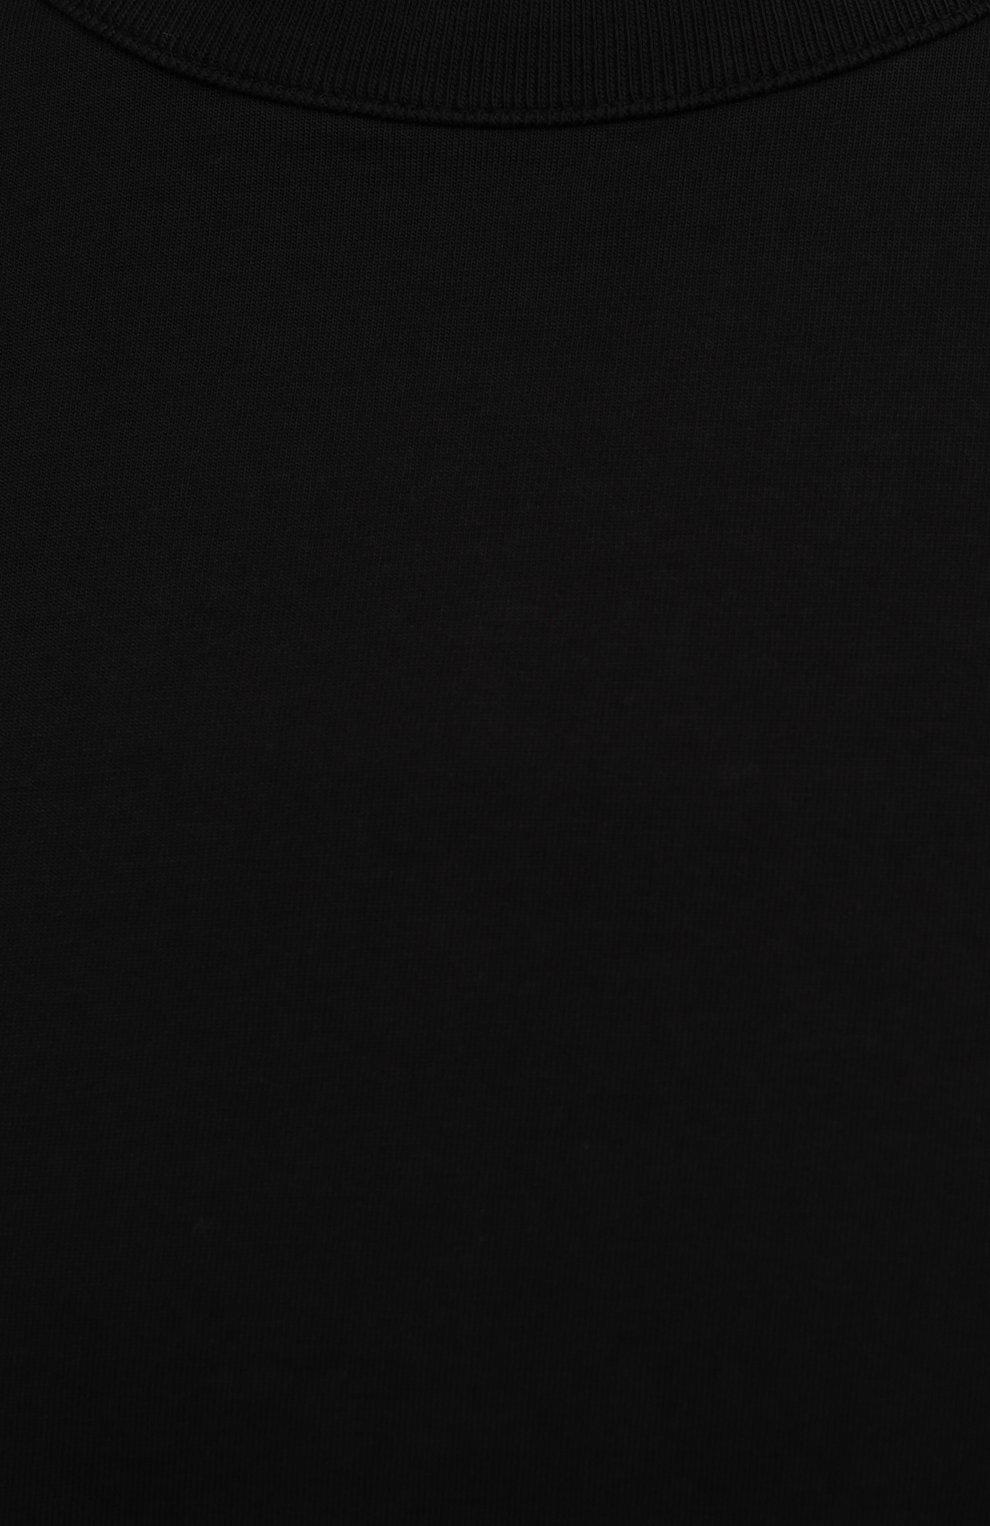 Женская хлопковая футболка HERON PRESTON FOR CALVIN KLEIN черного цвета, арт. K10K108252   Фото 5 (Женское Кросс-КТ: Футболка-спорт; Принт: Без принта; Рукава: Короткие; Длина (для топов): Стандартные; Материал внешний: Хлопок; Стили: Спорт-шик)